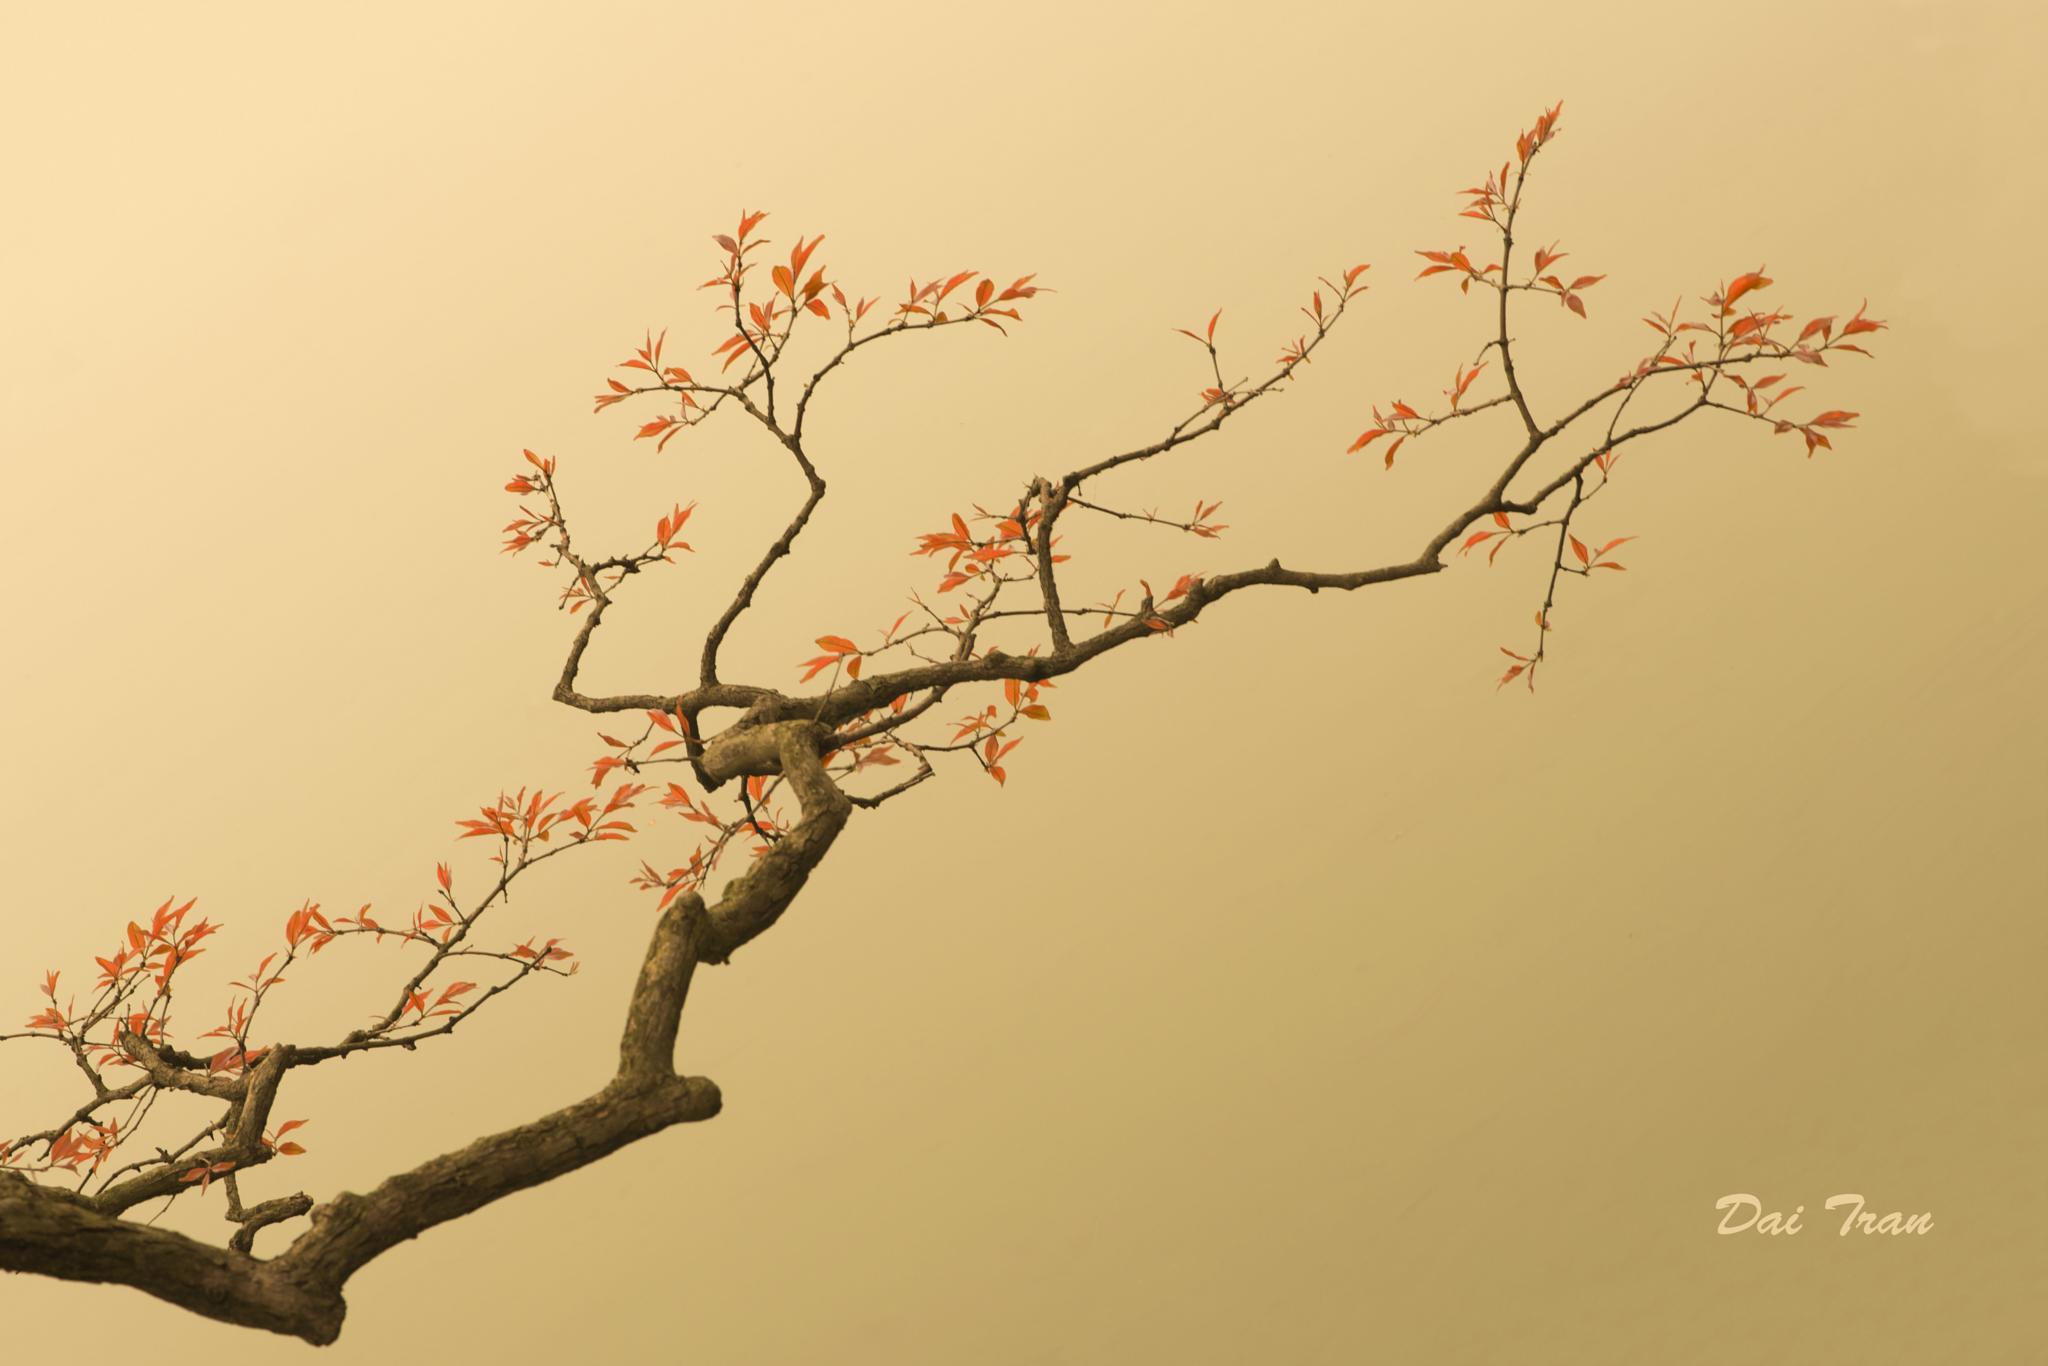 Spring by Dai Tran